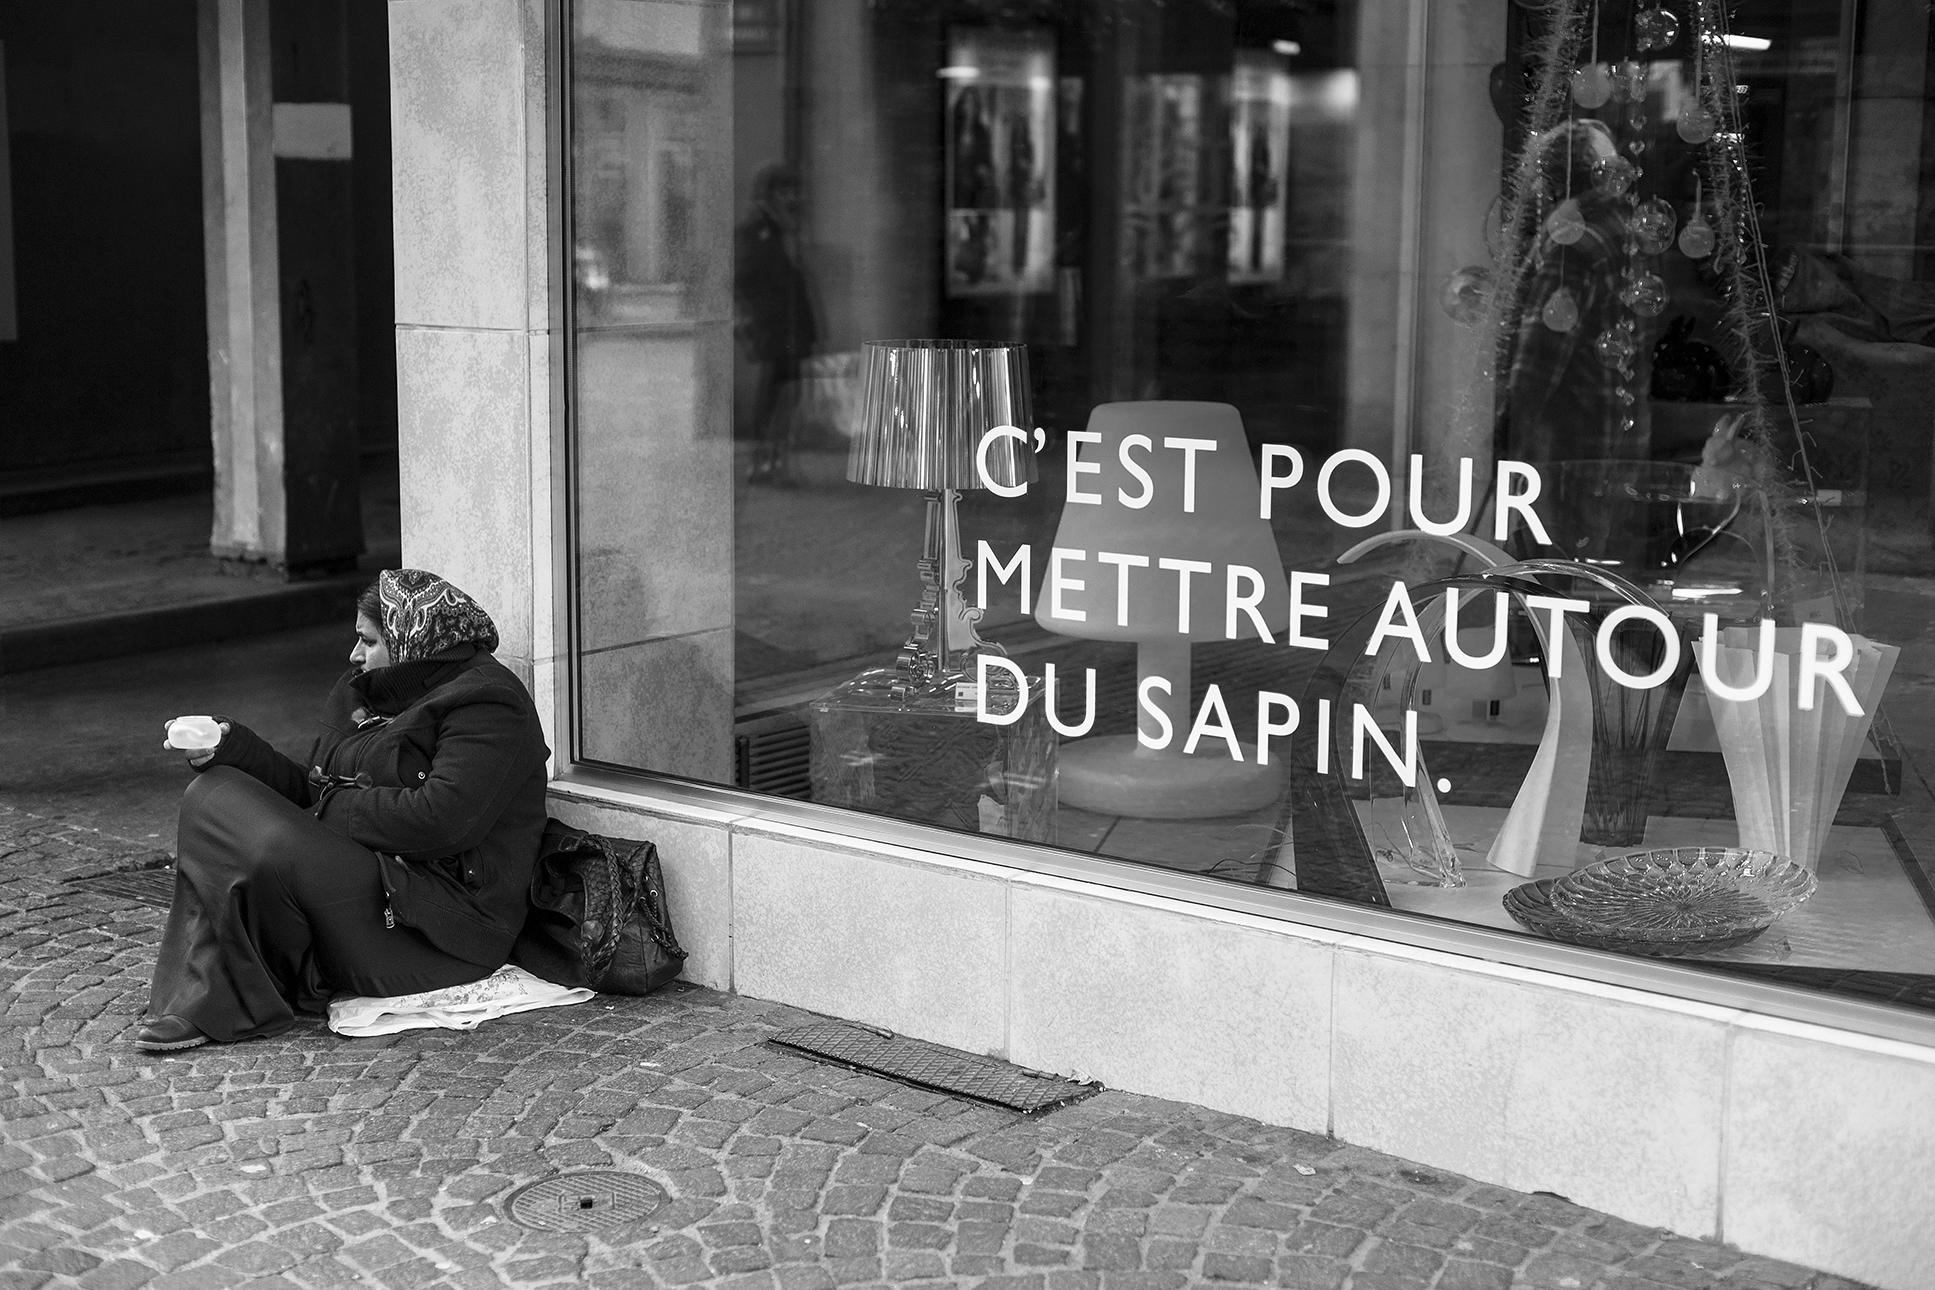 sous-le-sapin-Annecy-décembre-2012.jpg